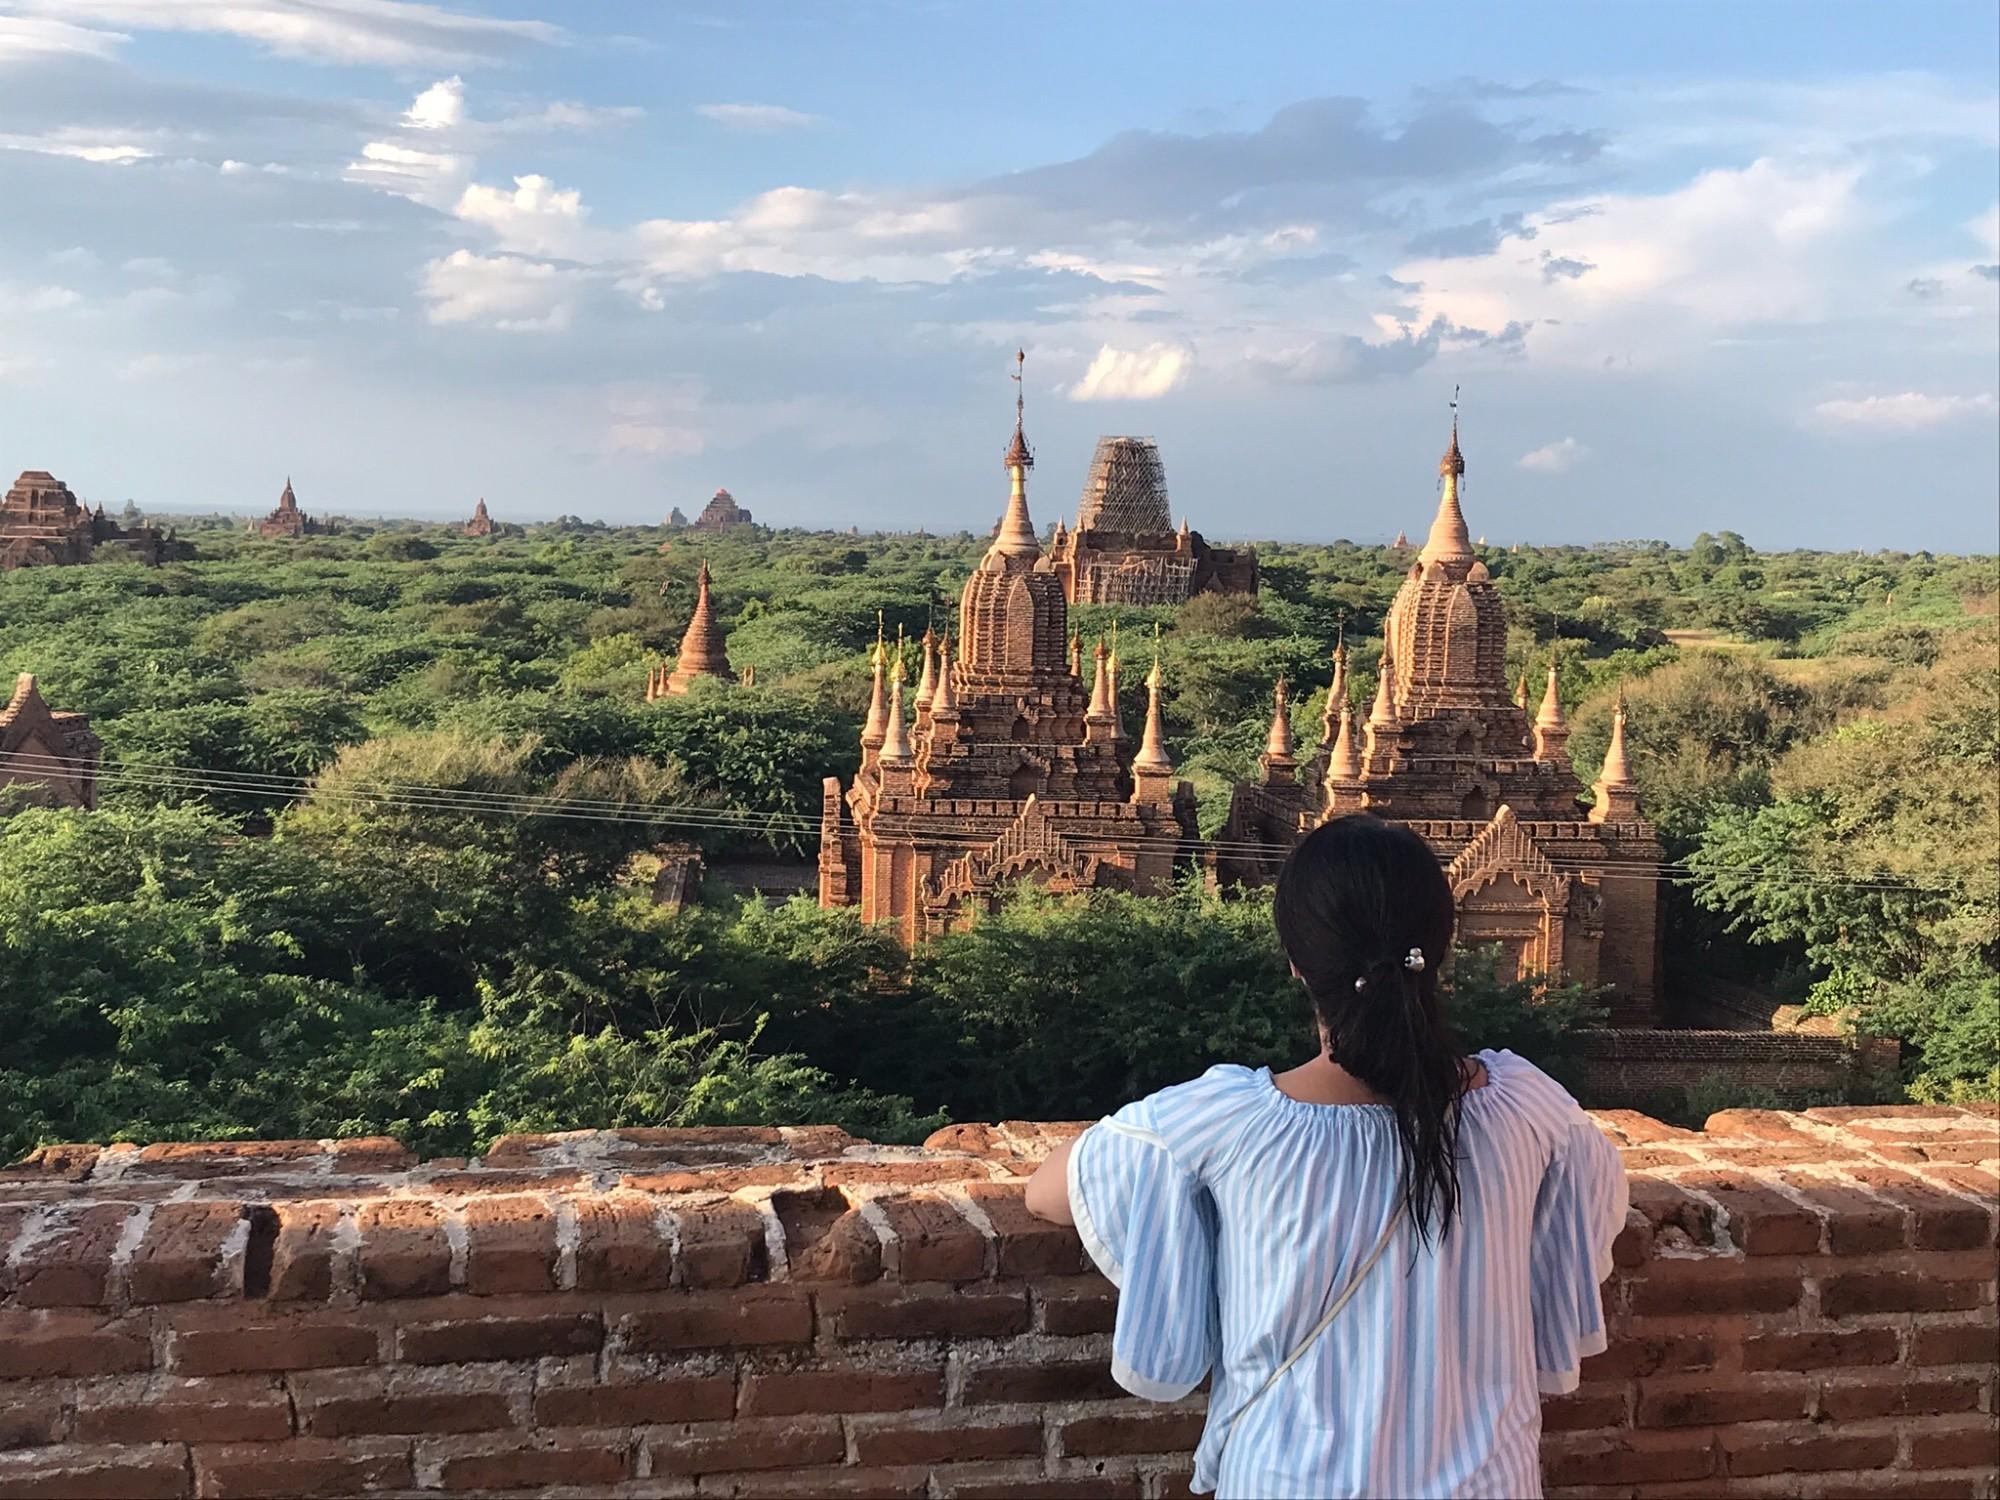 елена саратов фото мьянма изготовлен гранулированных